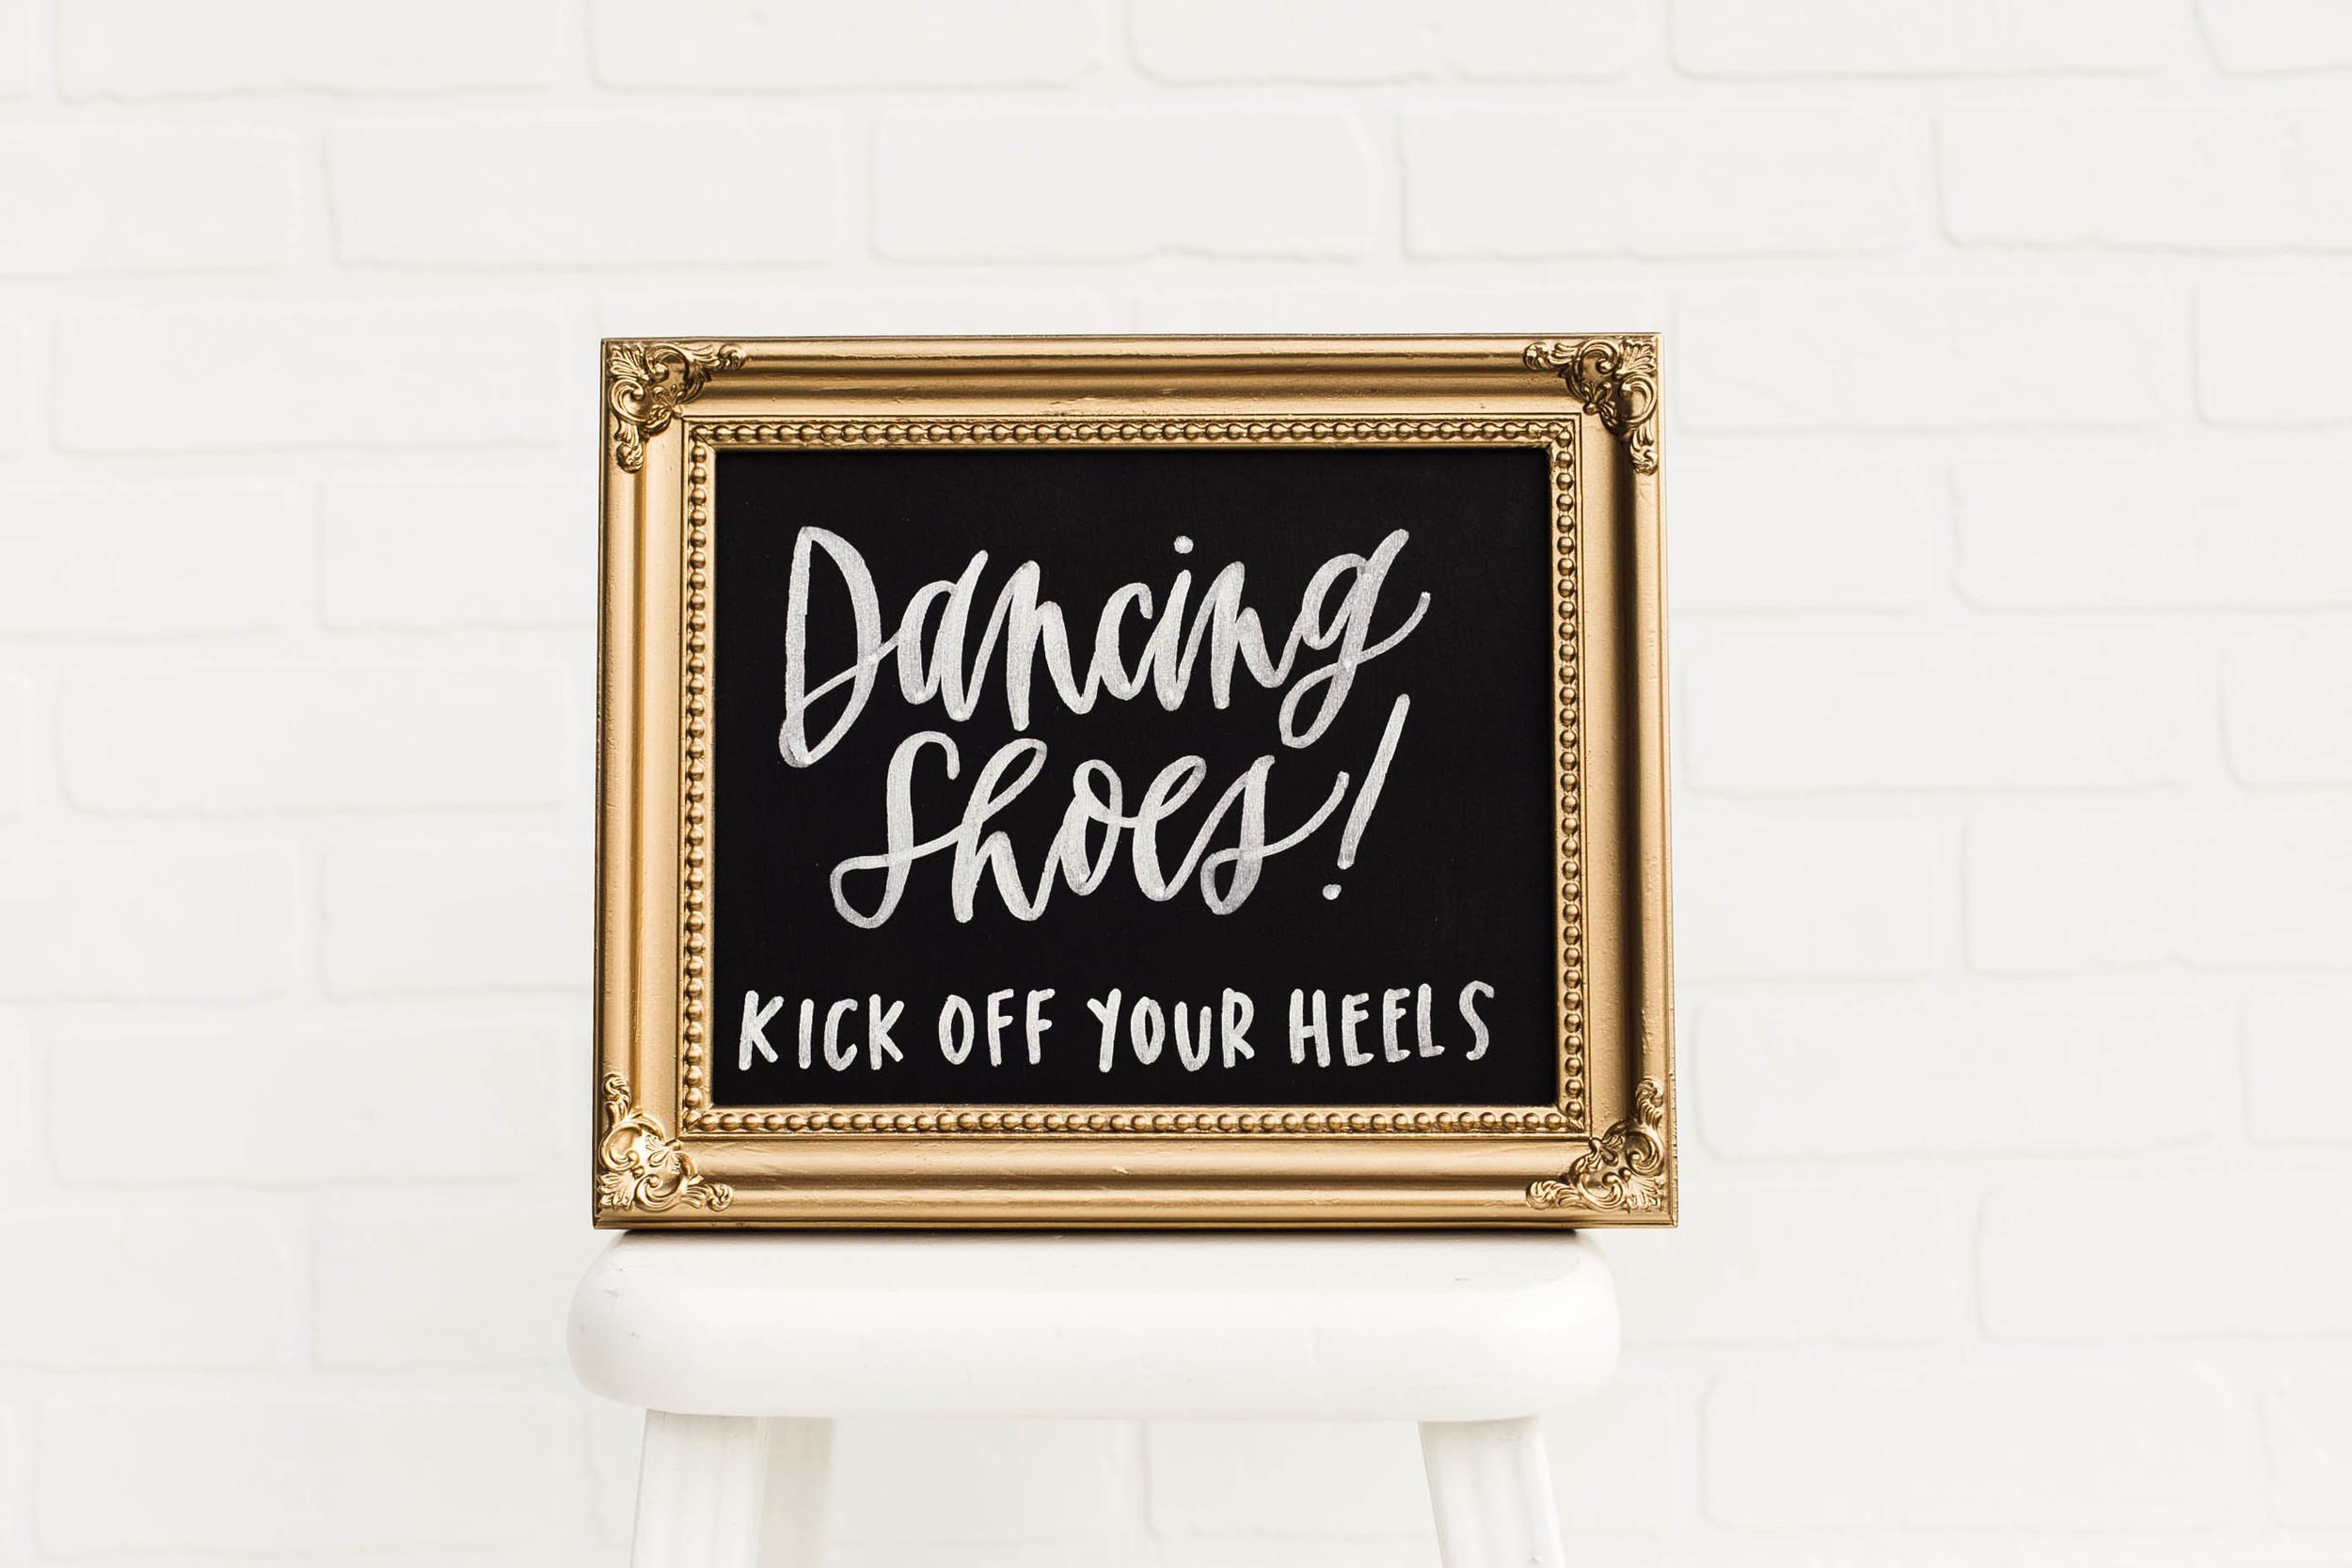 dancingshoes-1.jpg